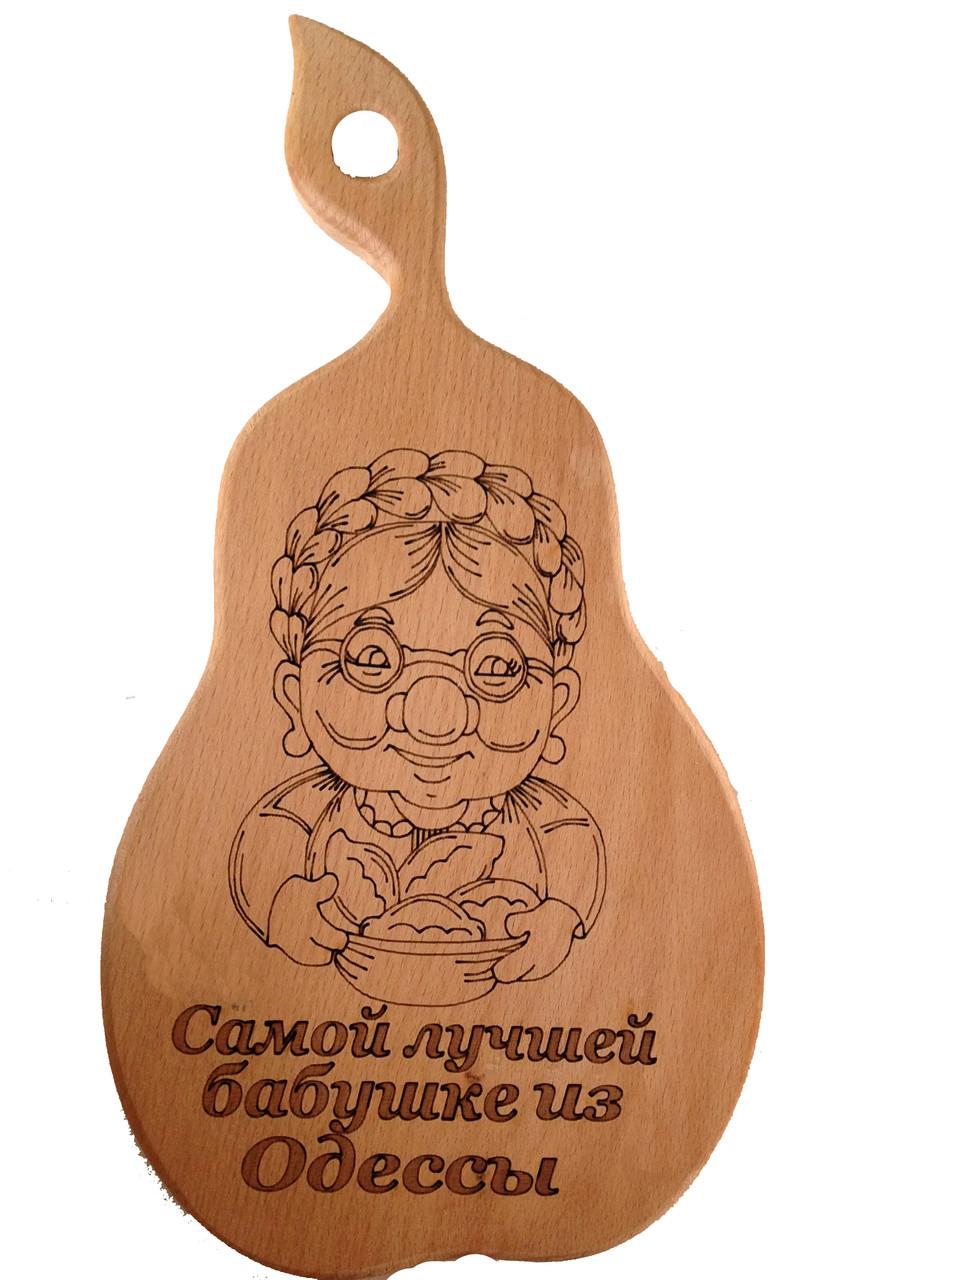 Доска сувенирная с выжиганием Самой лучшей  бабушке из Одессы 35*18